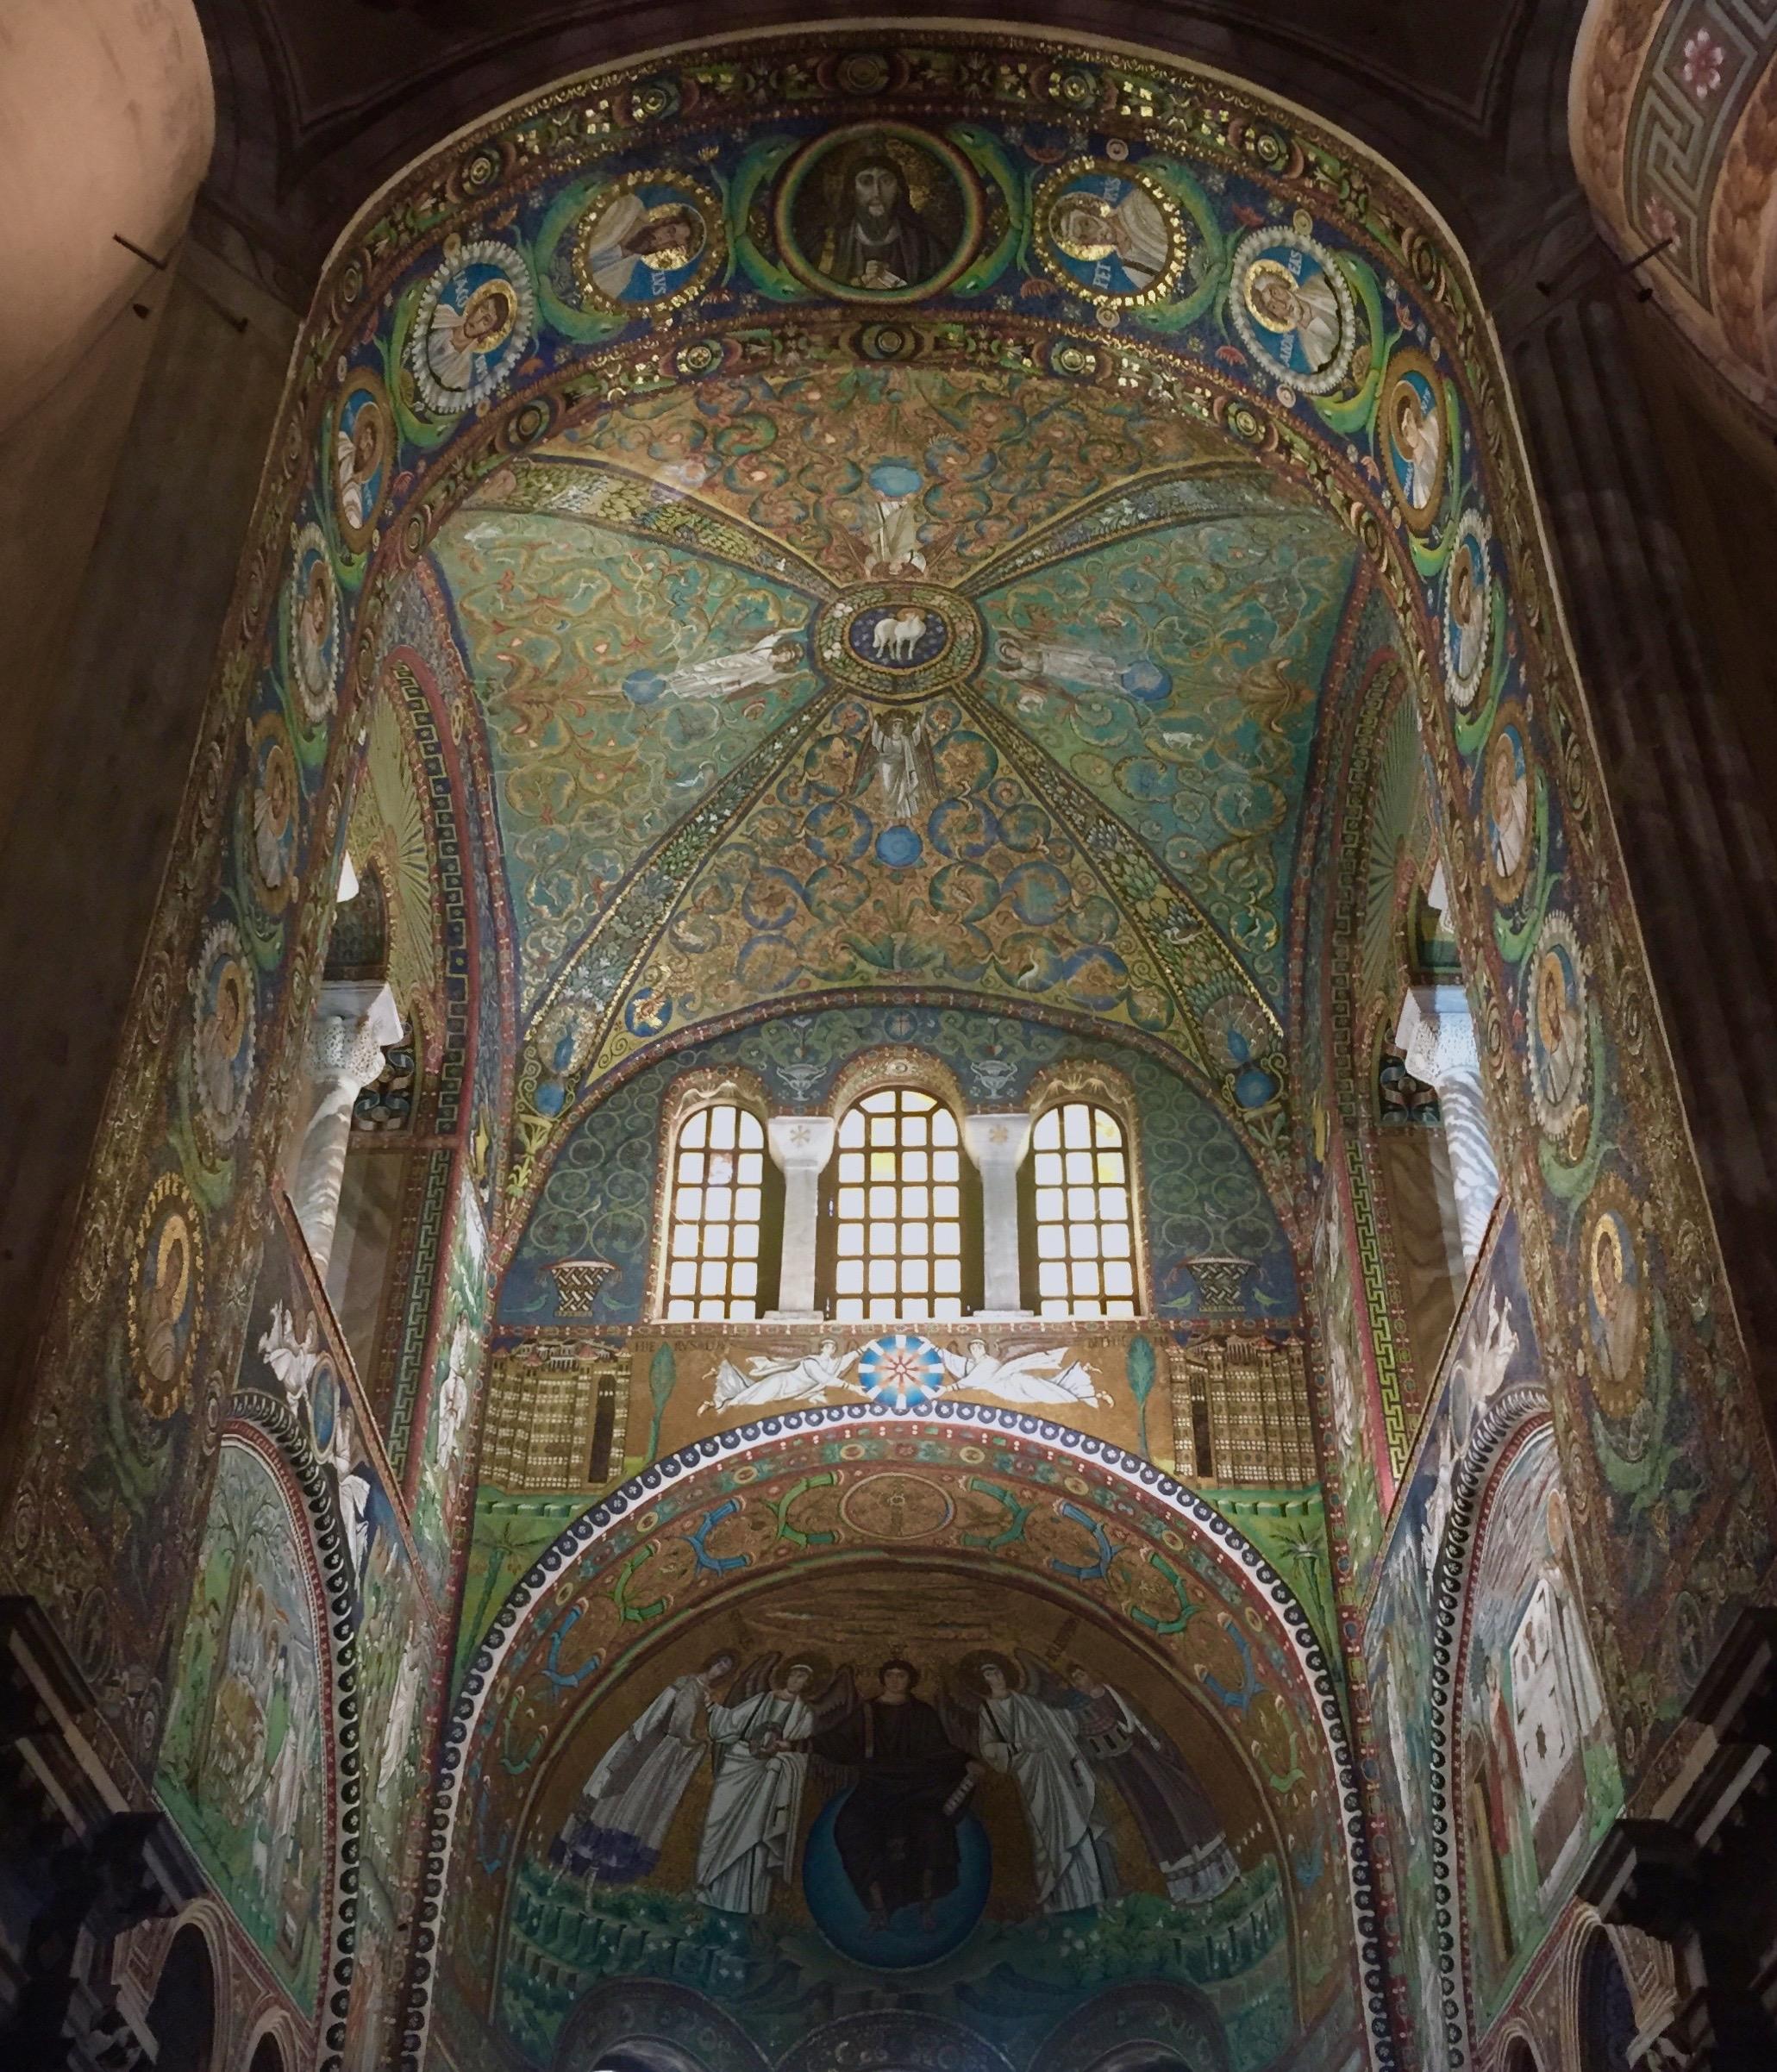 Interior of the Basilica di San Vitale, 526 - 547 A.D.